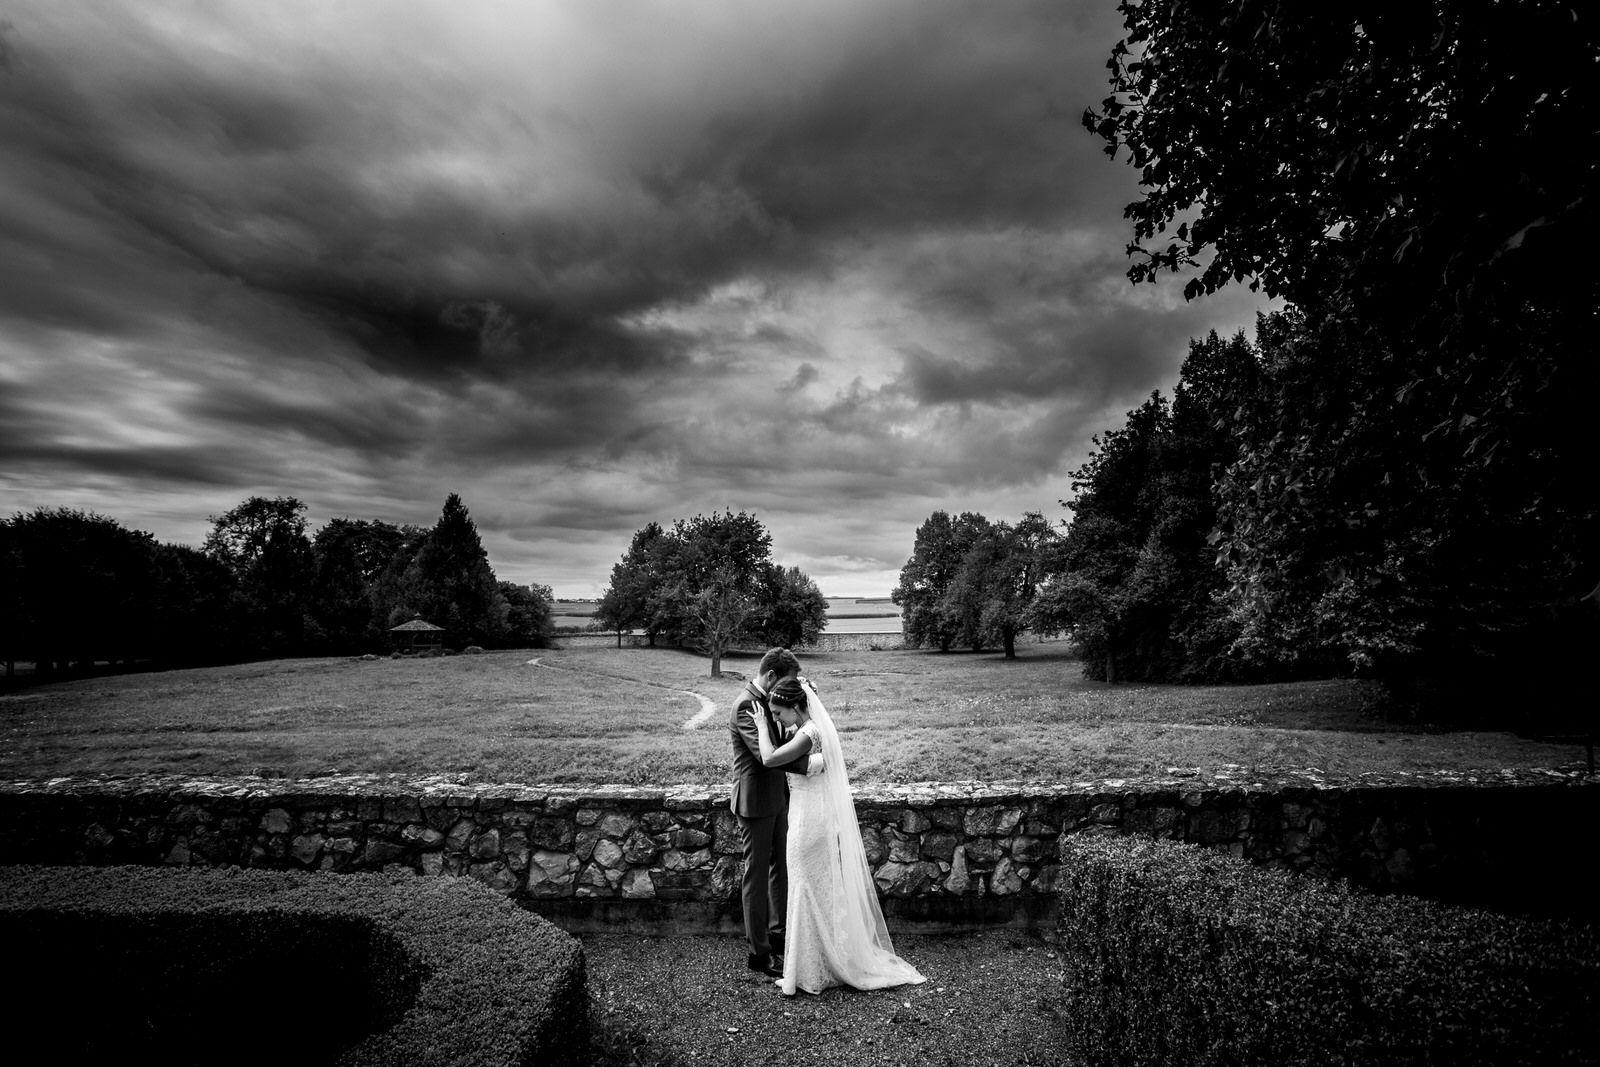 Hochzeitsfotograf Giengen An Der Brenz Eine Hochzeit In Der Schranne In 2020 Hochzeitsfotograf Fotograf Hochzeit